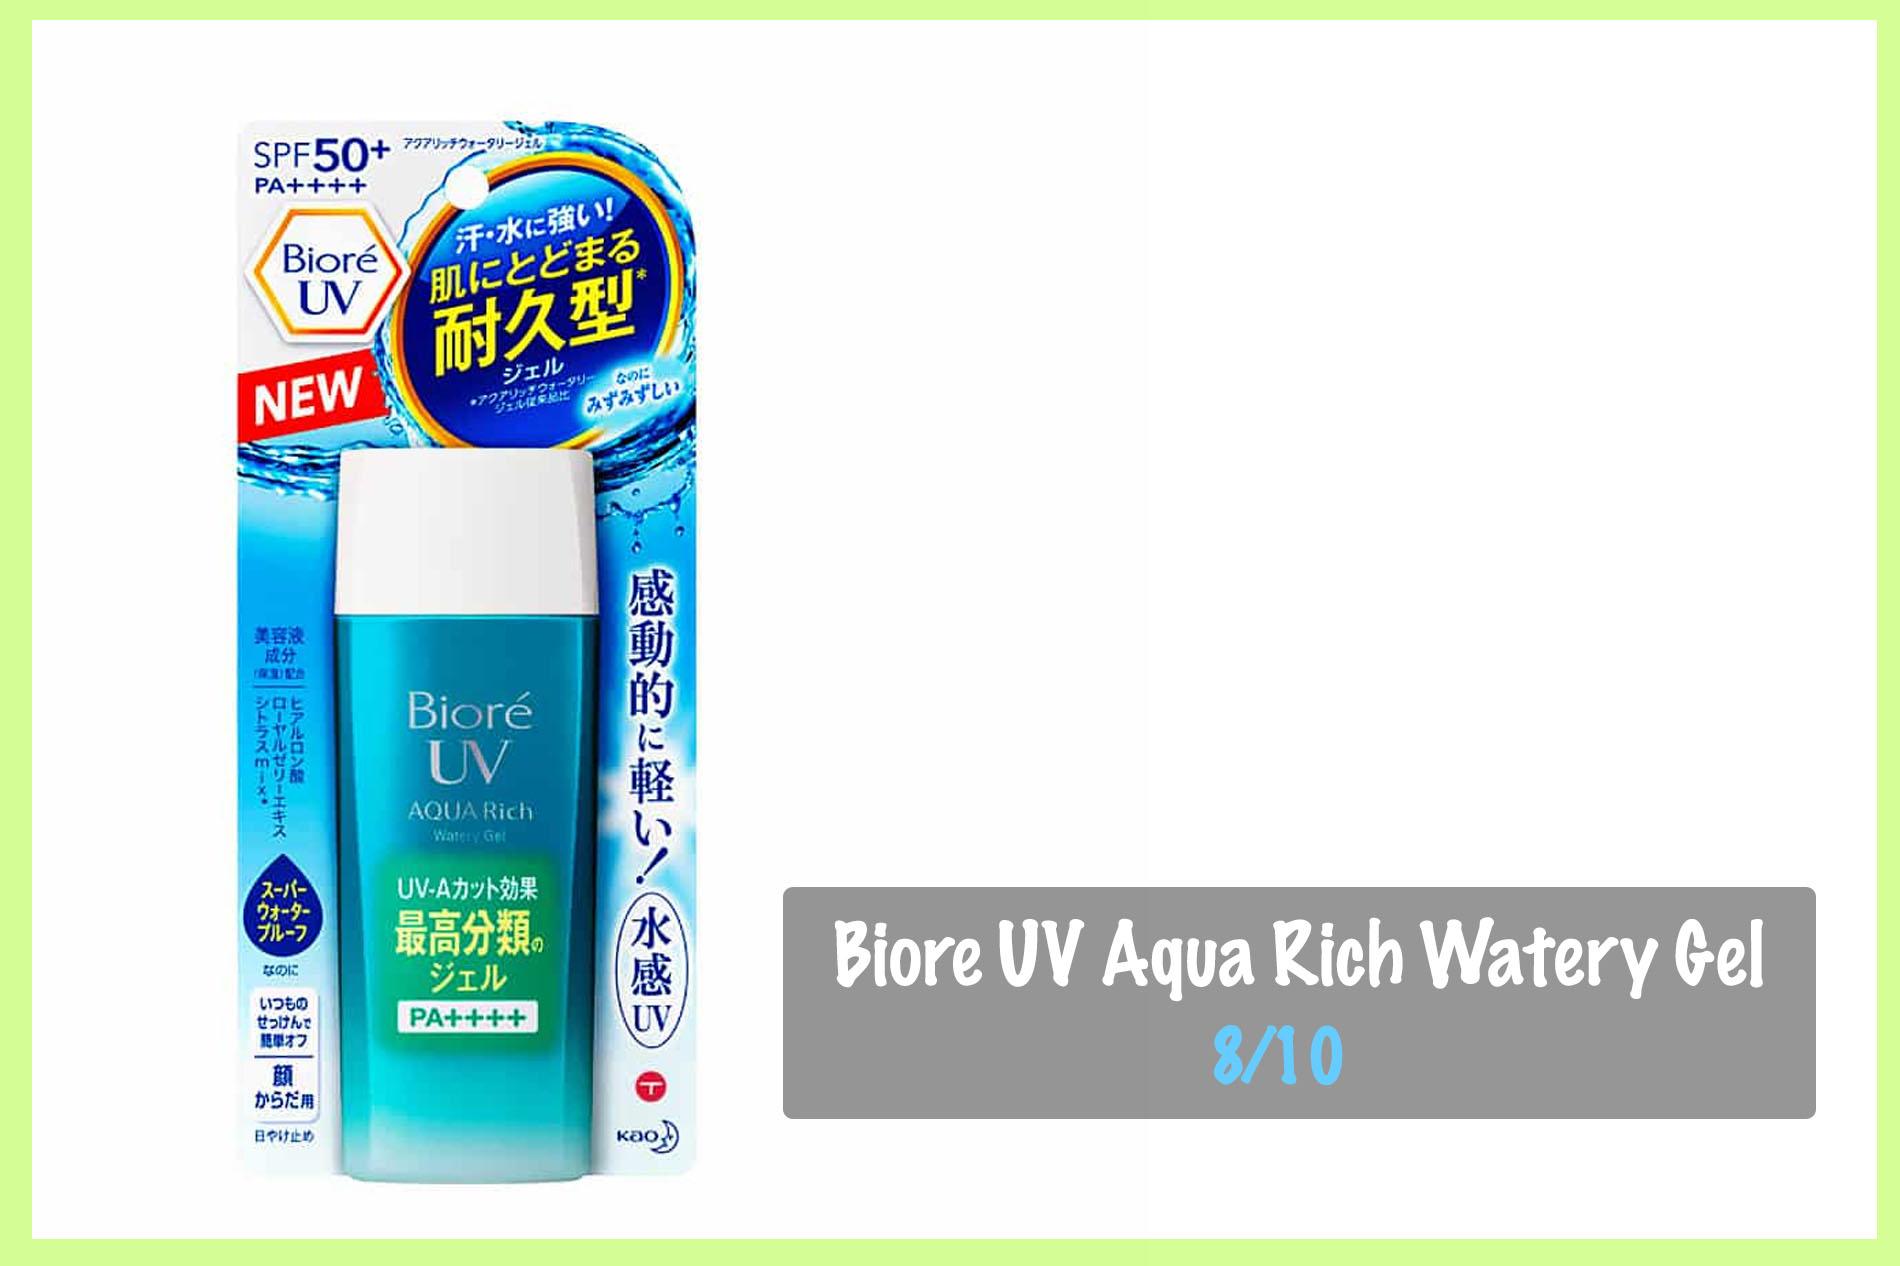 Biore UV Aqua Rich Watery Gel - kem chống nắng dưỡng ẩm tốt cho da khô